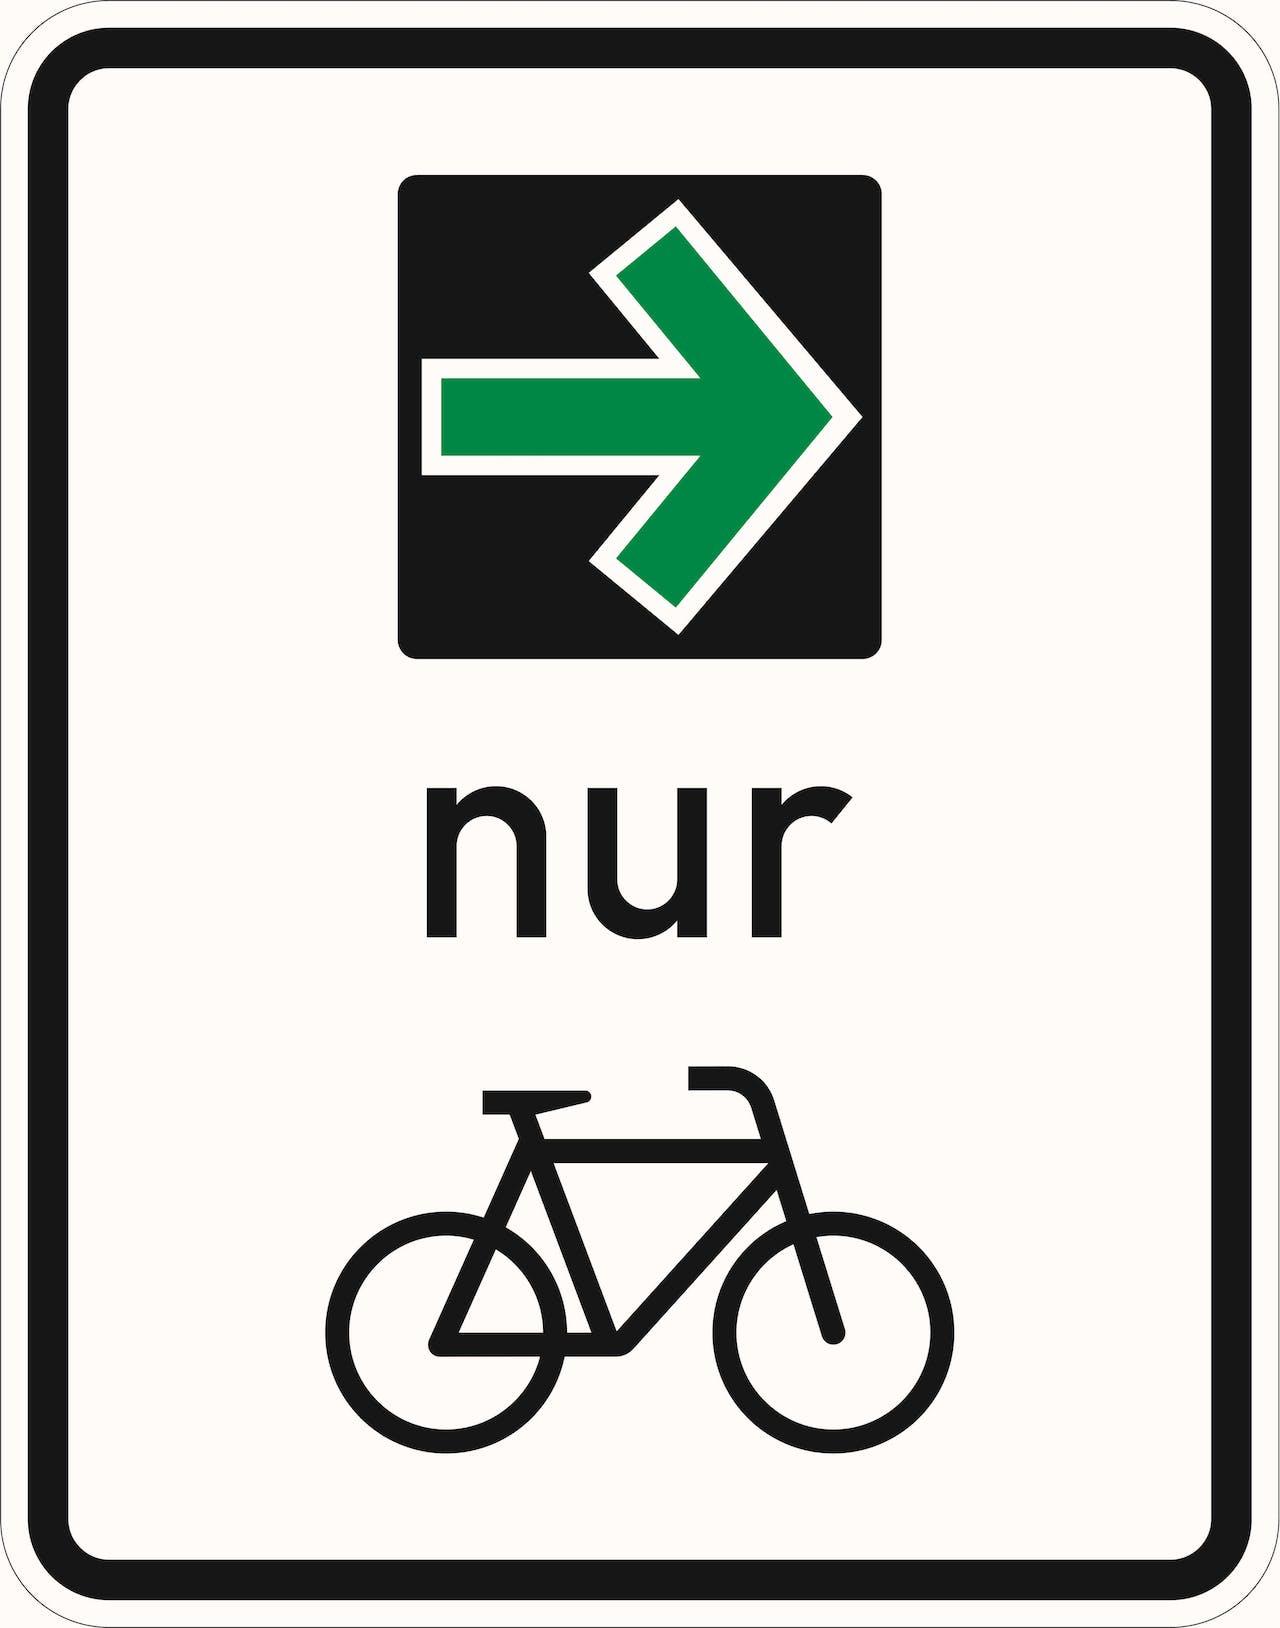 Neues Verkehrsschild Grüner Abbiegepfeil für Radfahrer